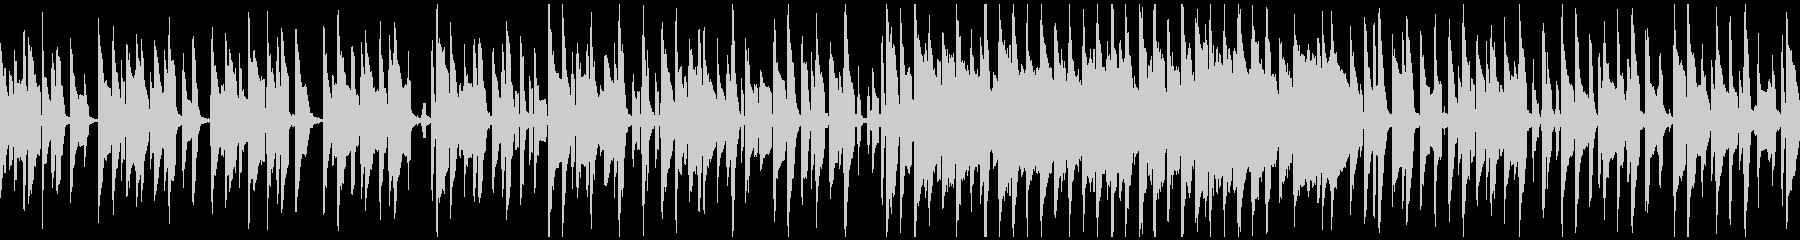 脱力系ほのぼのリコーダー ※ループ仕様版の未再生の波形